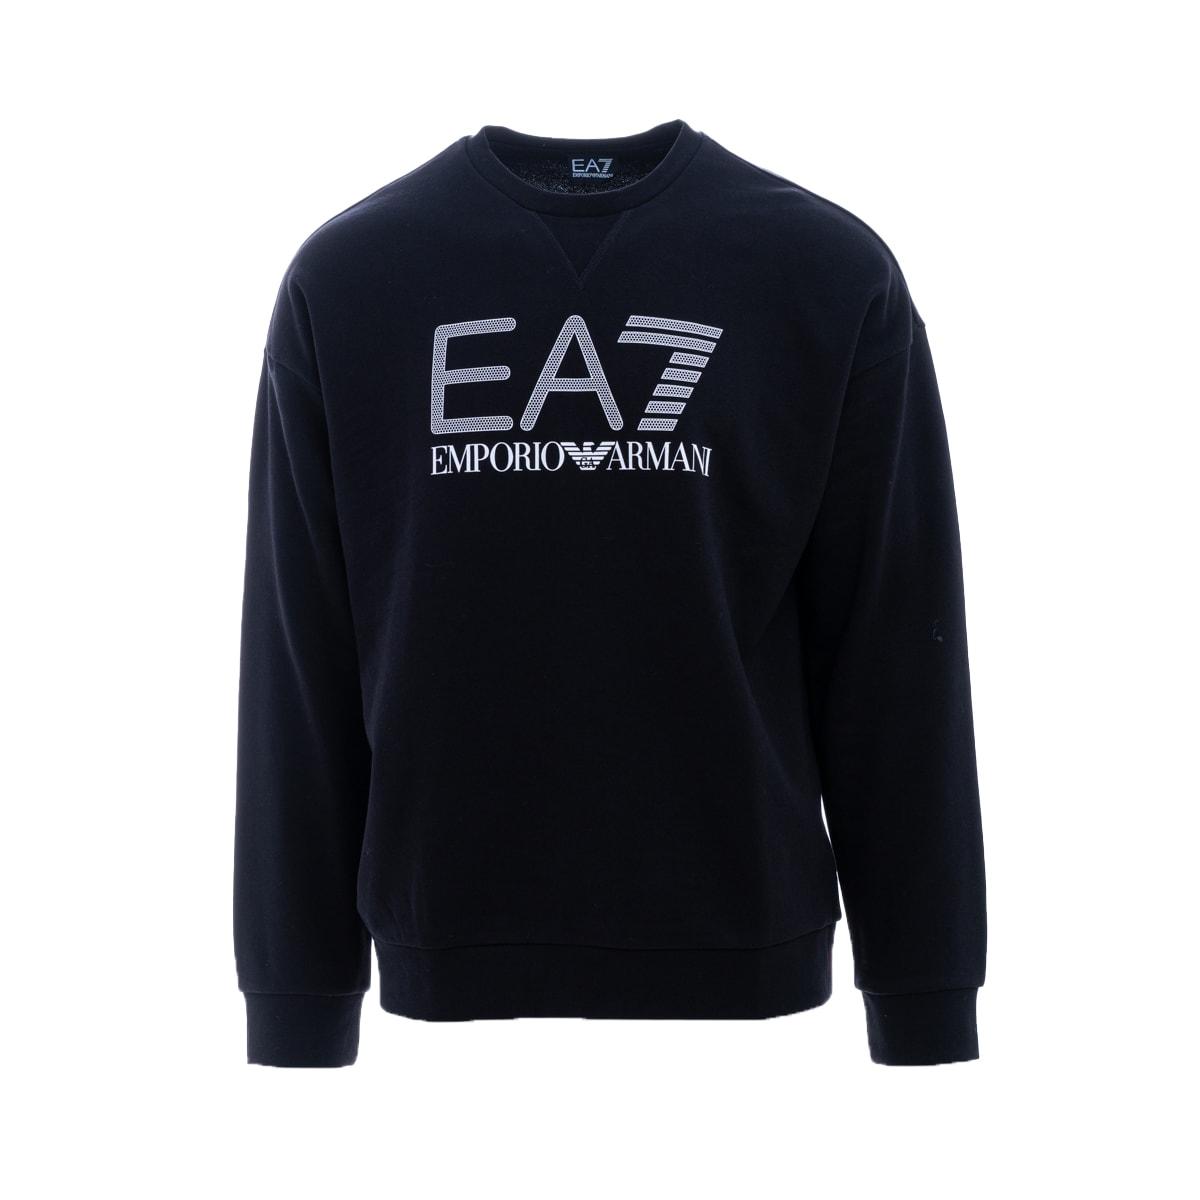 Ea7 Cottons EA7 EA7 COTTON BLEND SWEATSHIRT